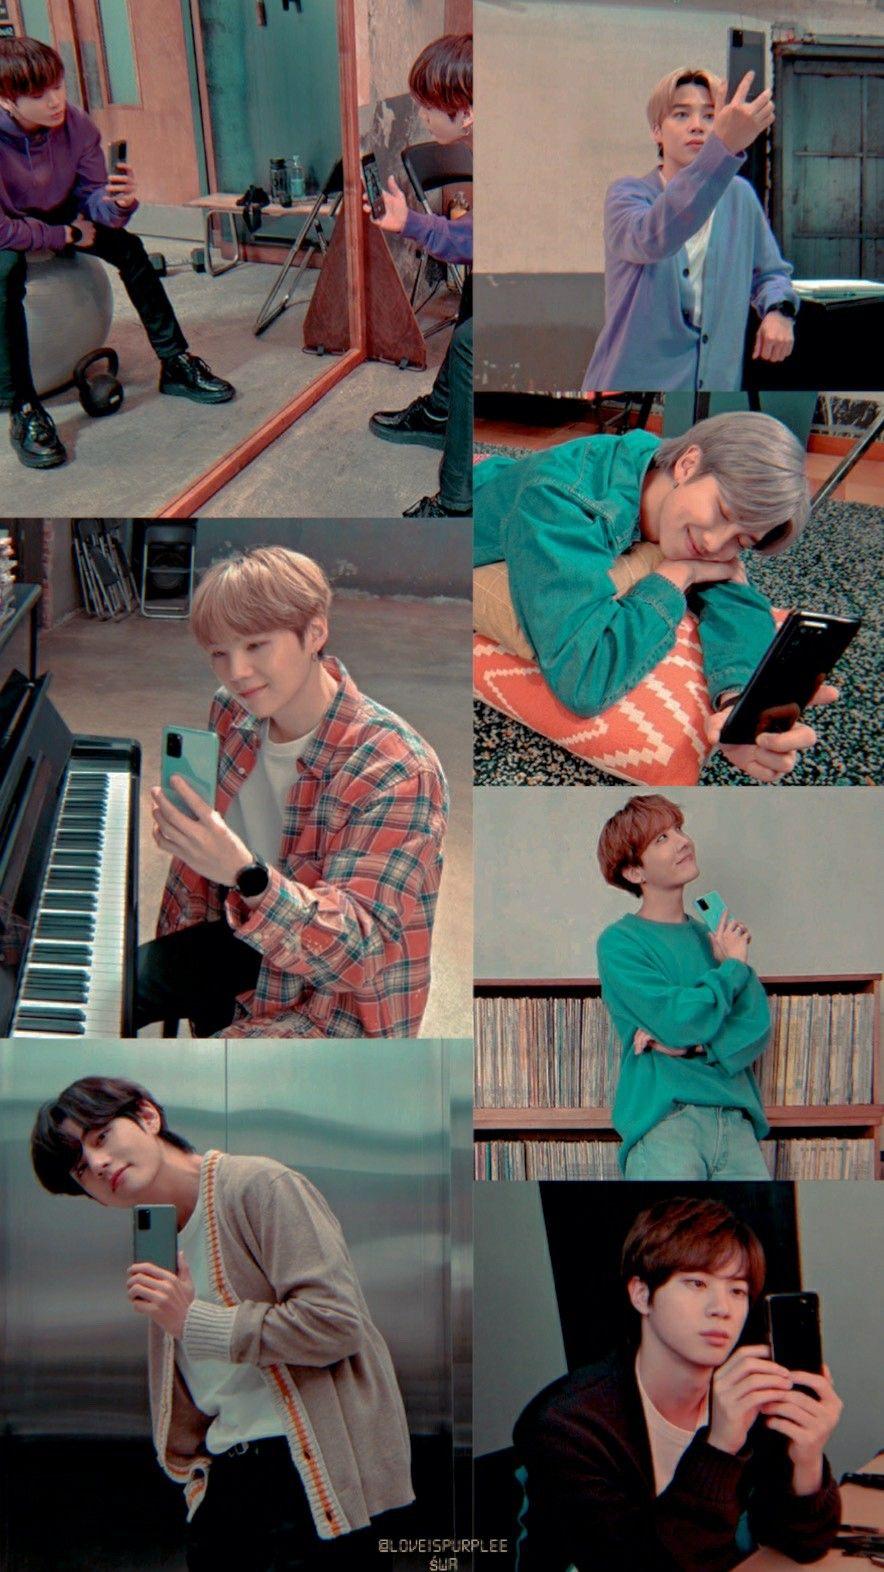 200319 Bts X Samsung Wallpaper In 2020 Bts Wallpaper Bts Jungkook Bts Boys Wallpaper bts untuk keyboard